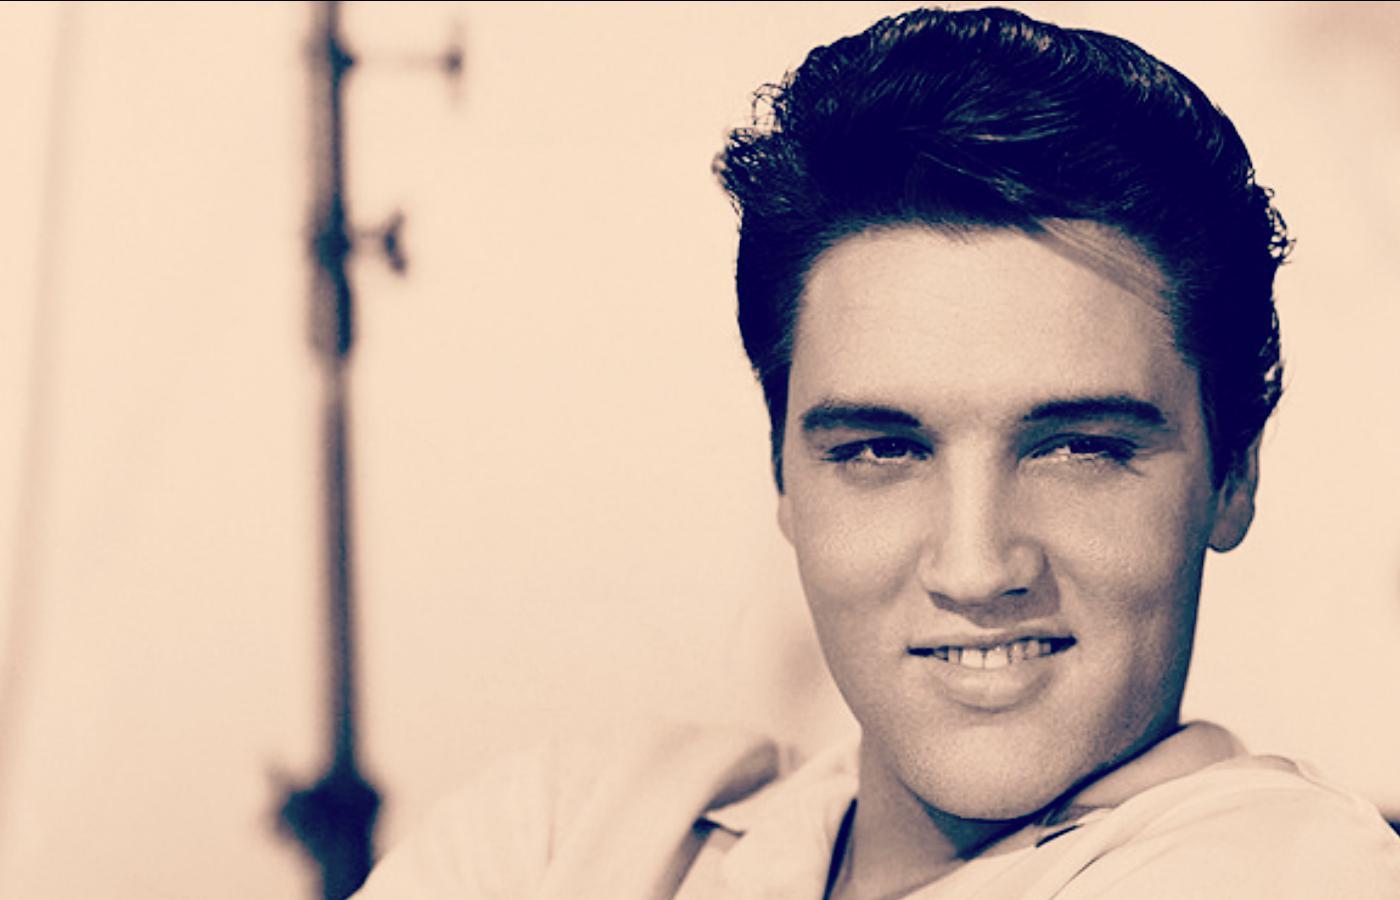 16 augustus 1977 - Elvis Presley overleden